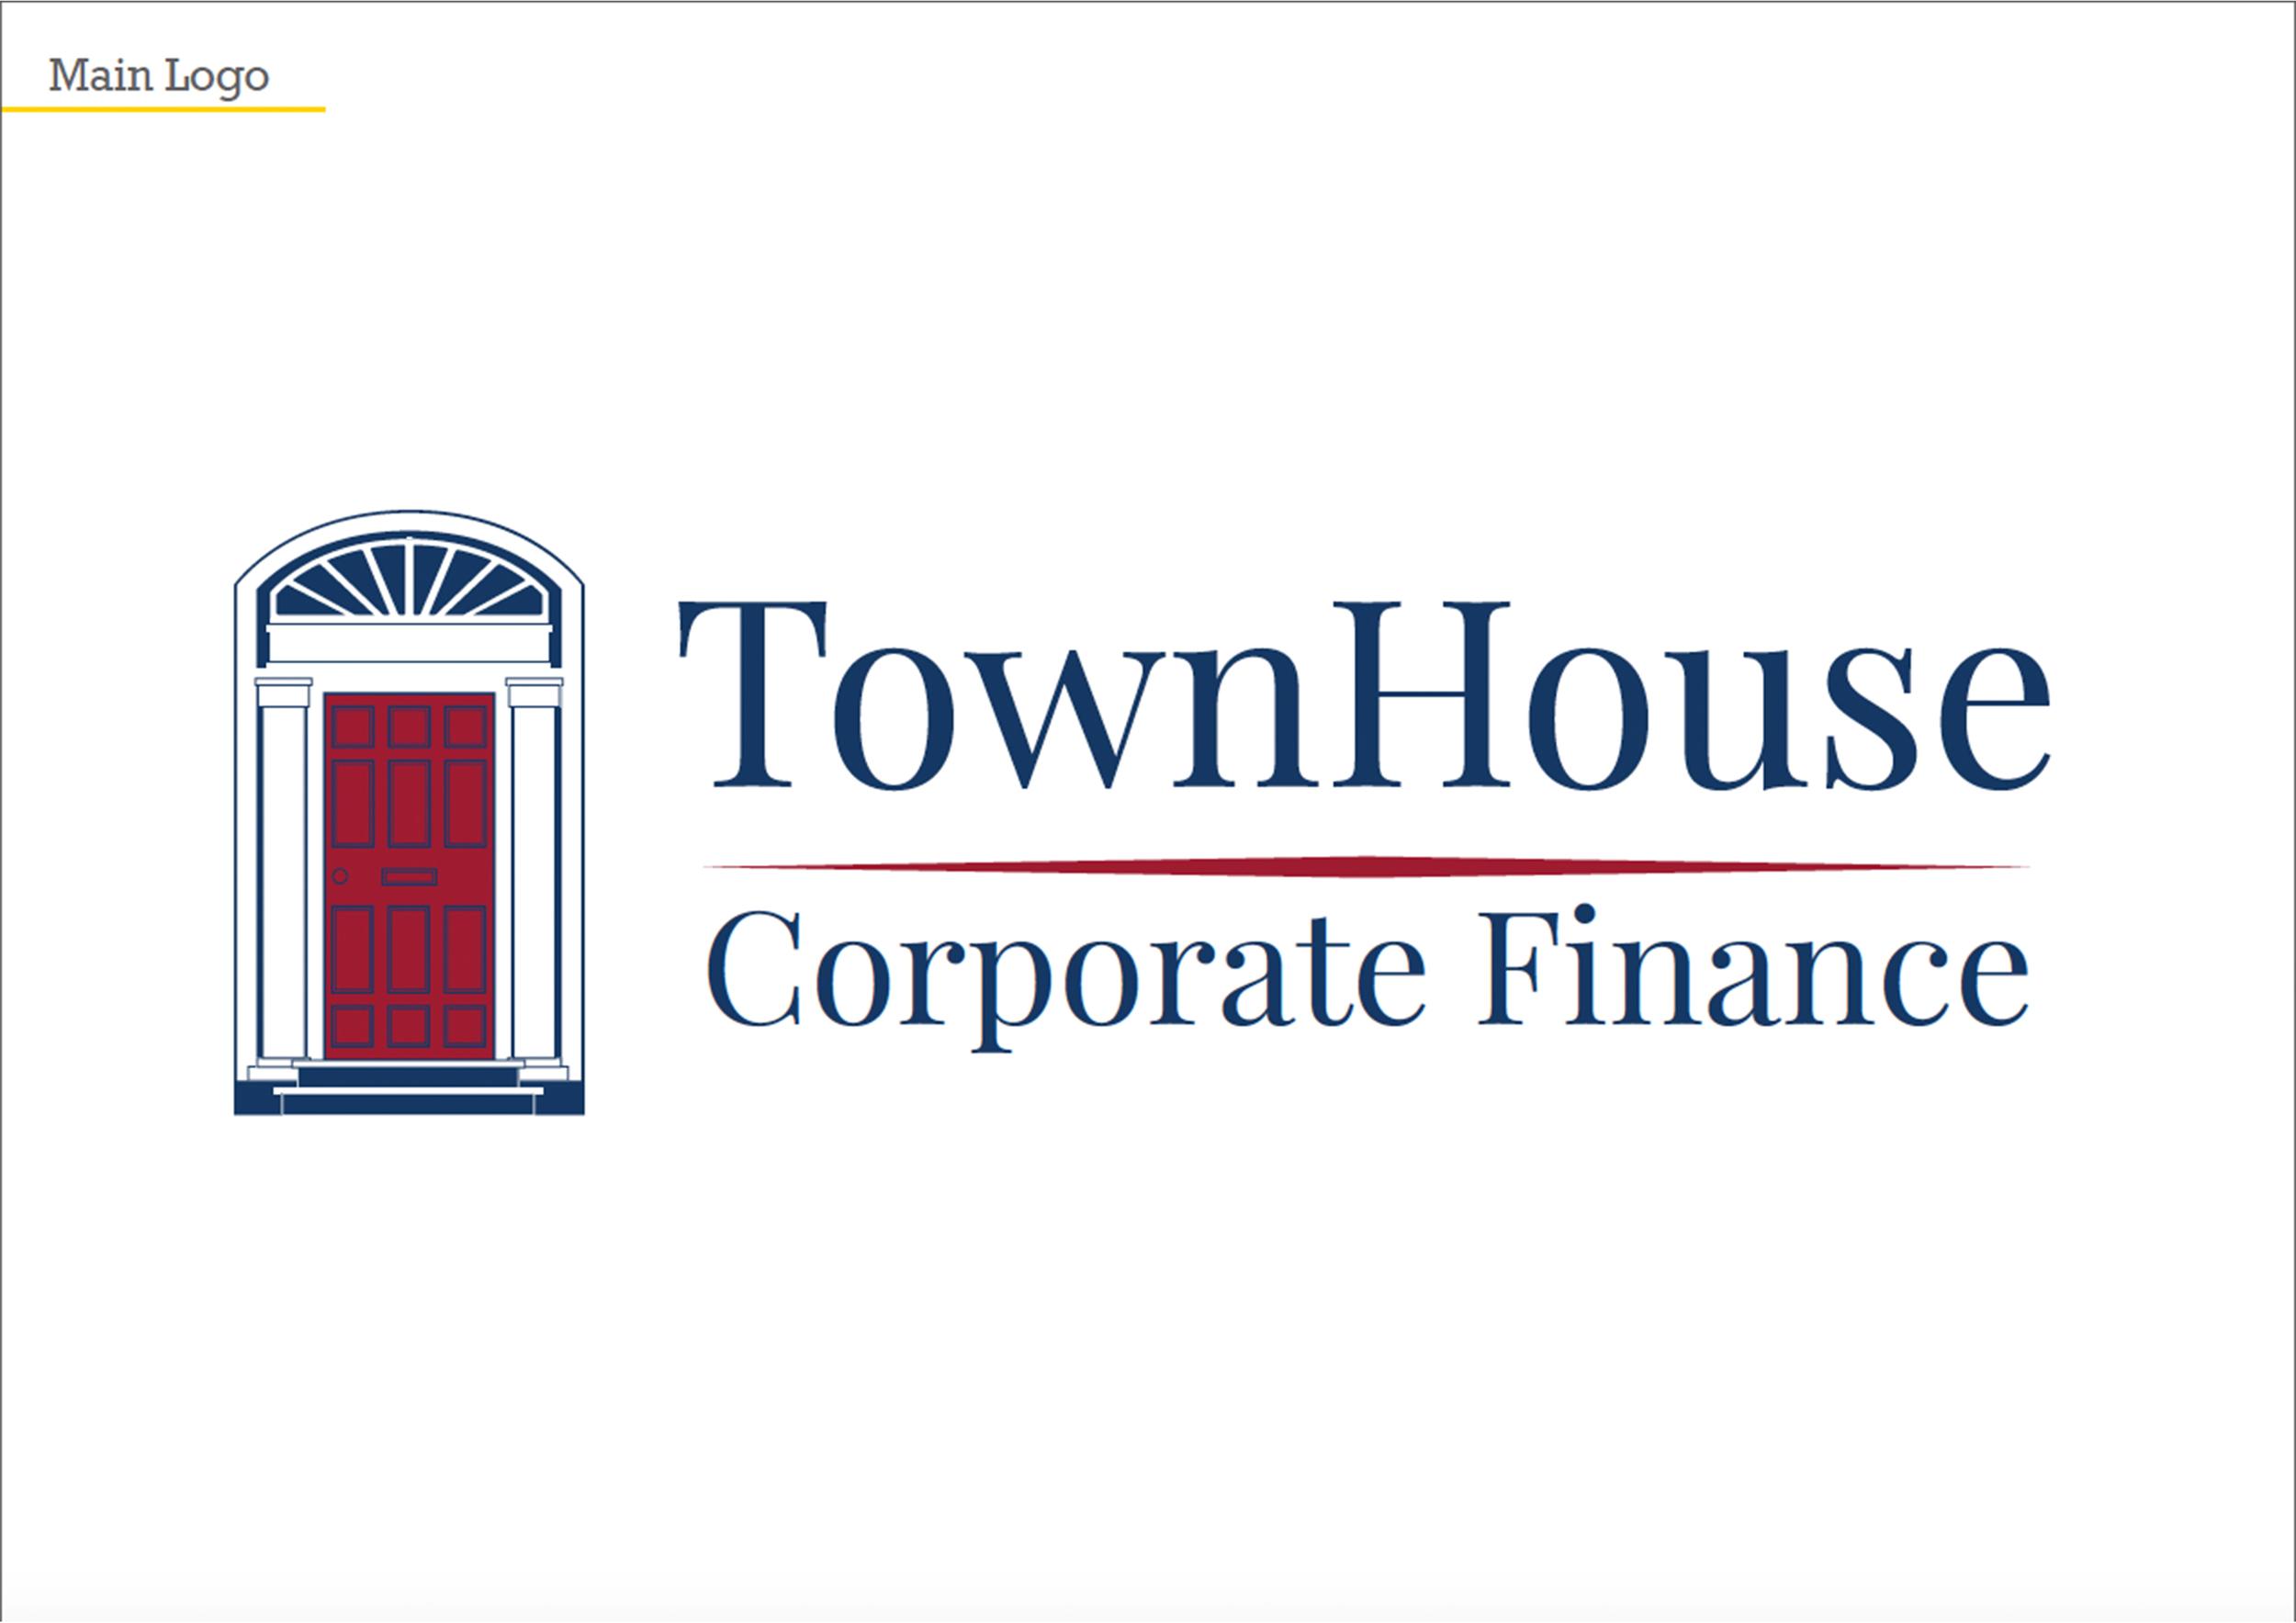 main logo 1.jpg